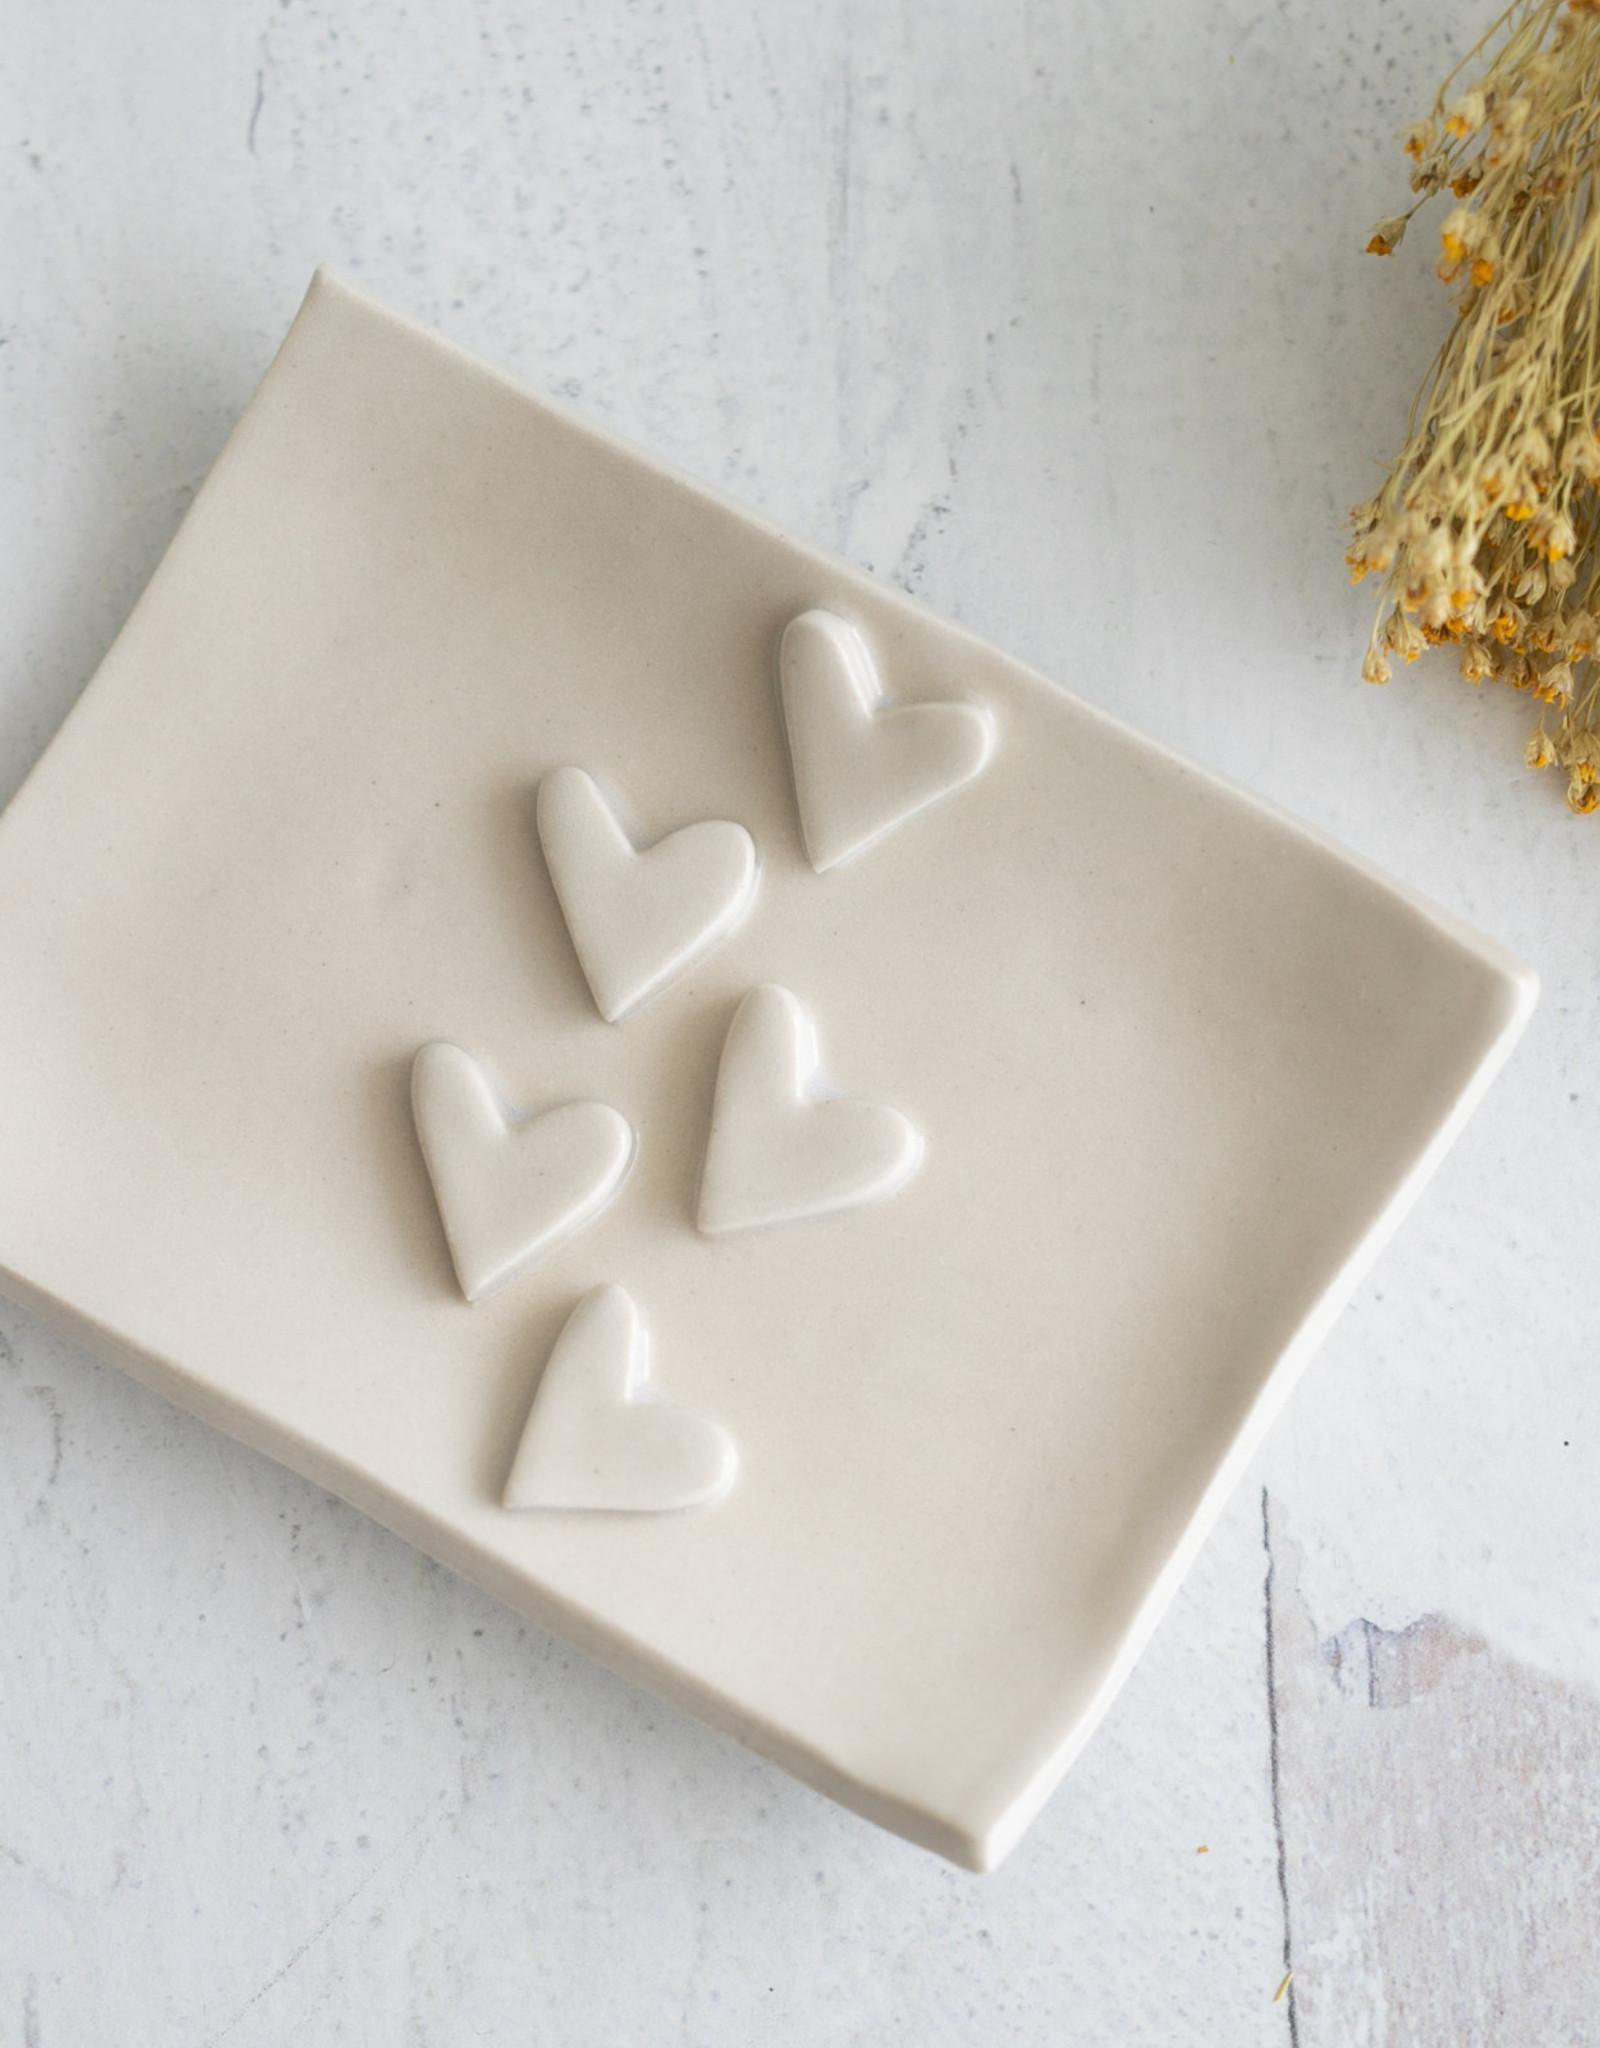 Fox and Beagle Heart Catch Tray - Cream Hearts